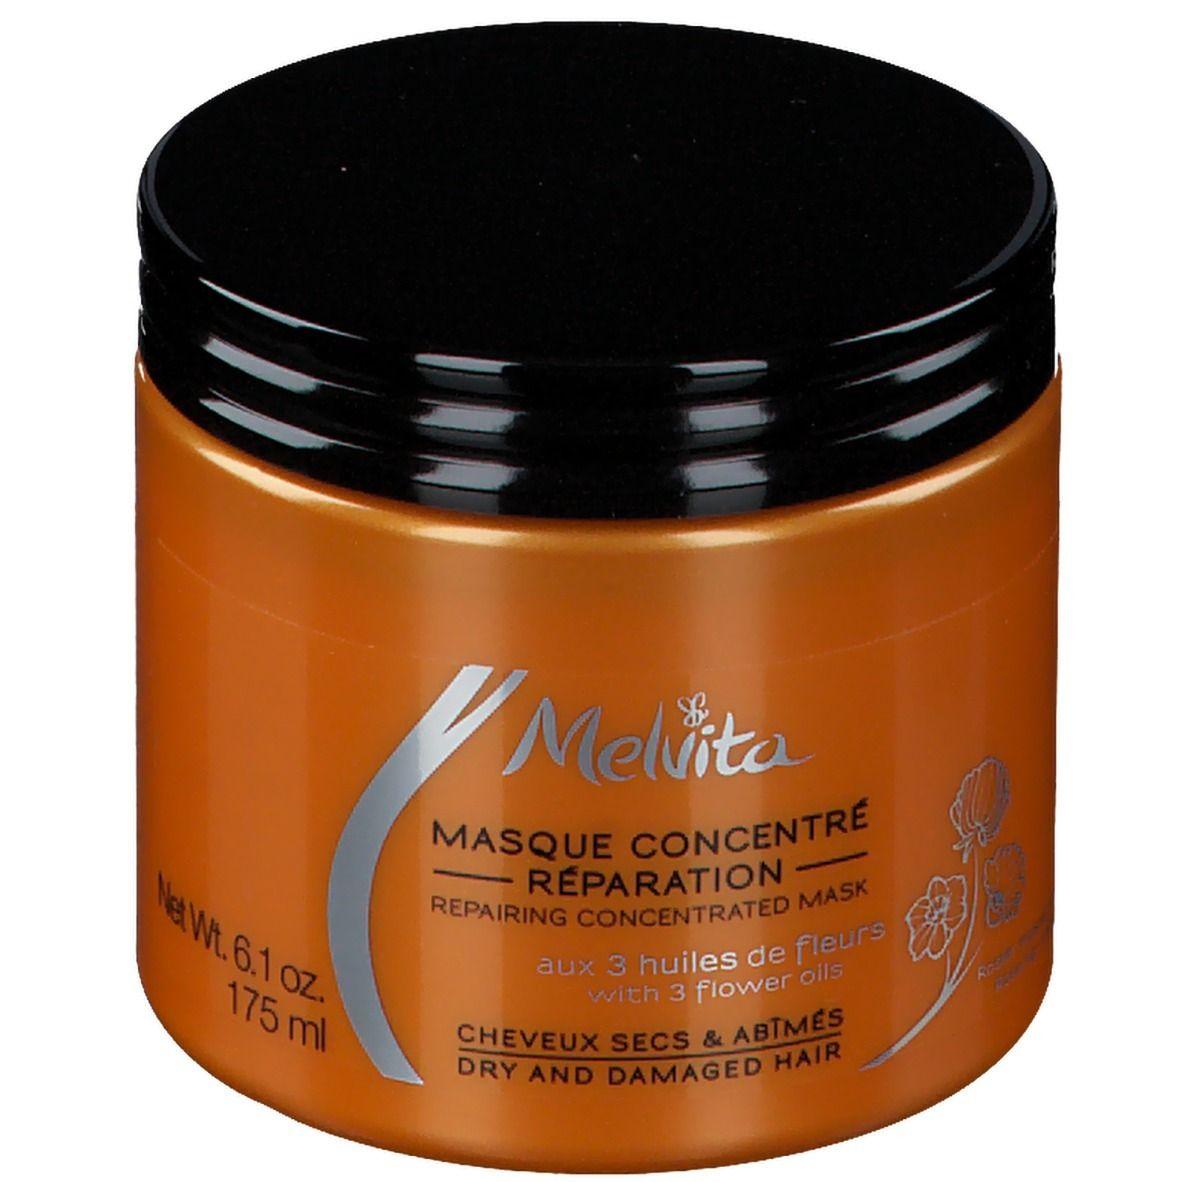 Melvita Capillaires Experts Masque Expert réparation ml masque(s) pour le visage